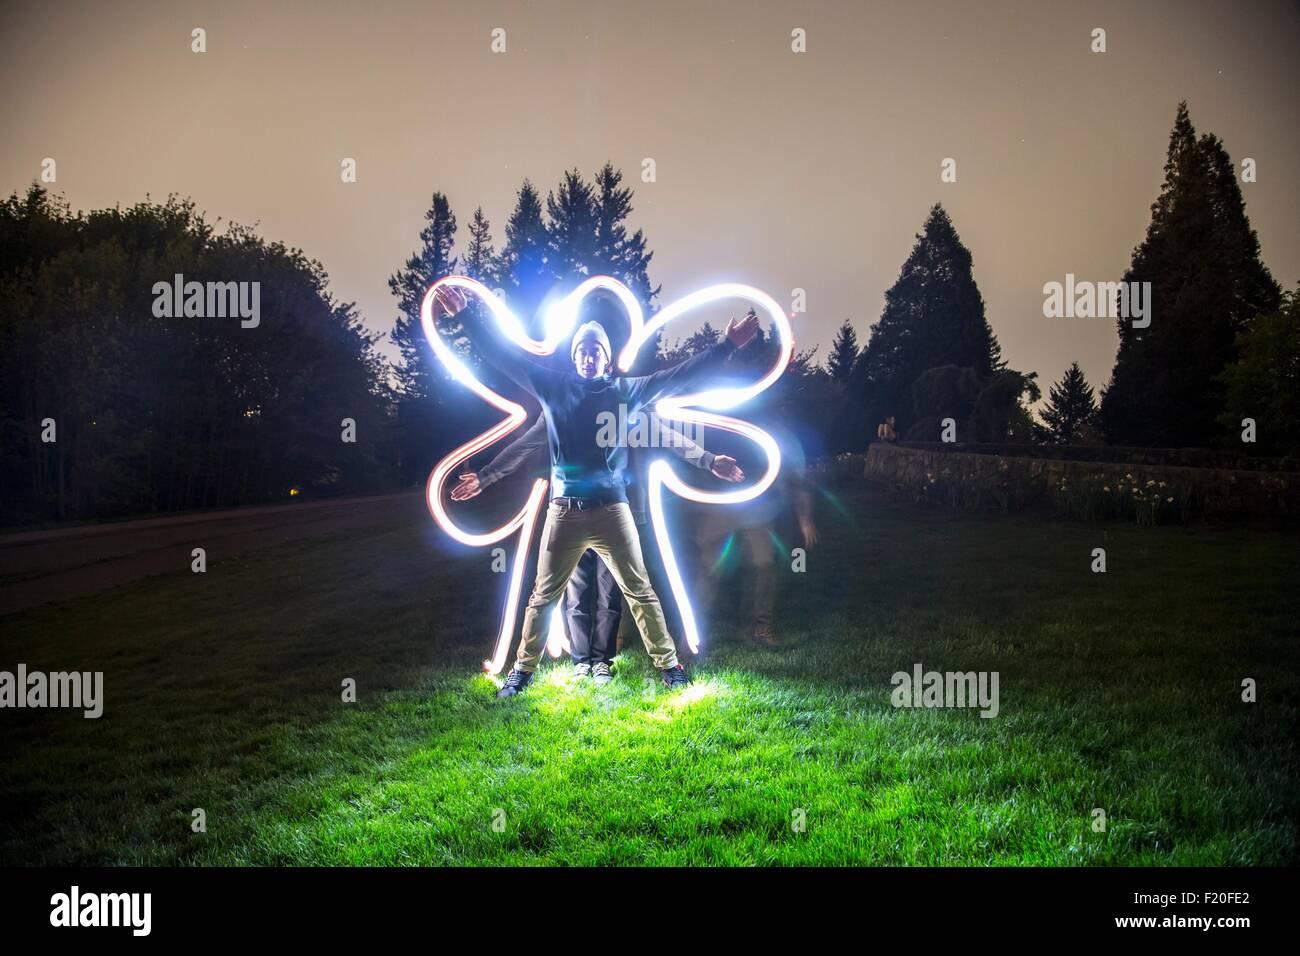 Dos hombres de pie juntos en el campo al atardecer, la creación de forma de estrella con órganos, amigo Imagen De Stock